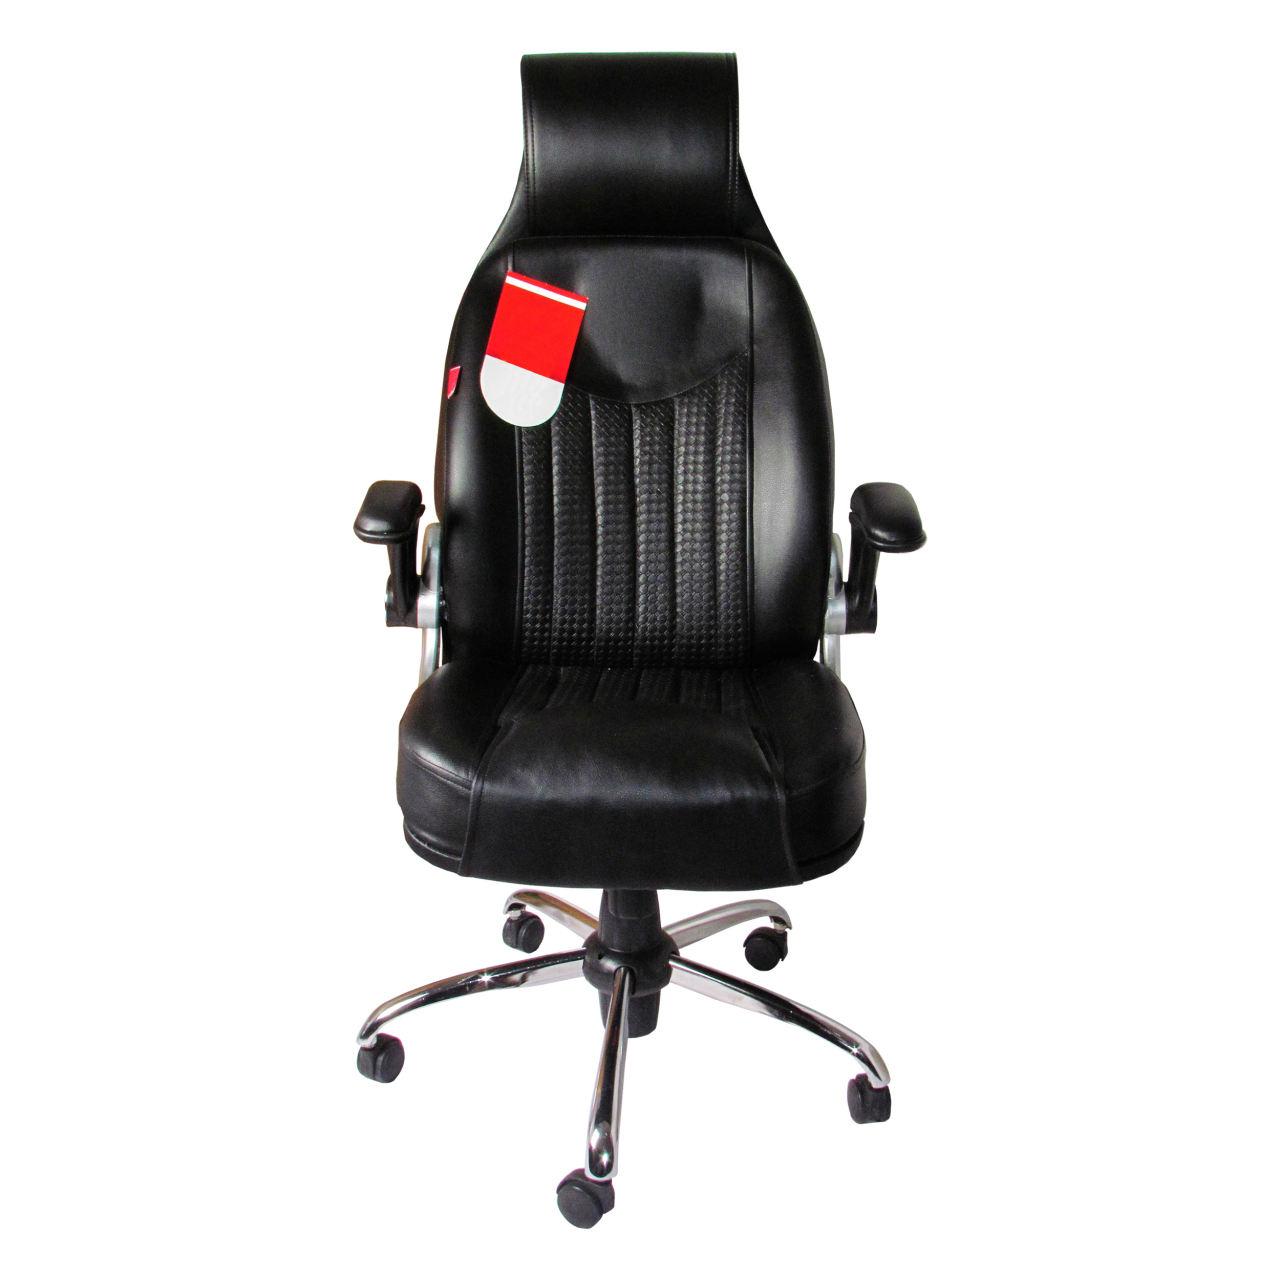 صندلی گیمینگ کد 2020